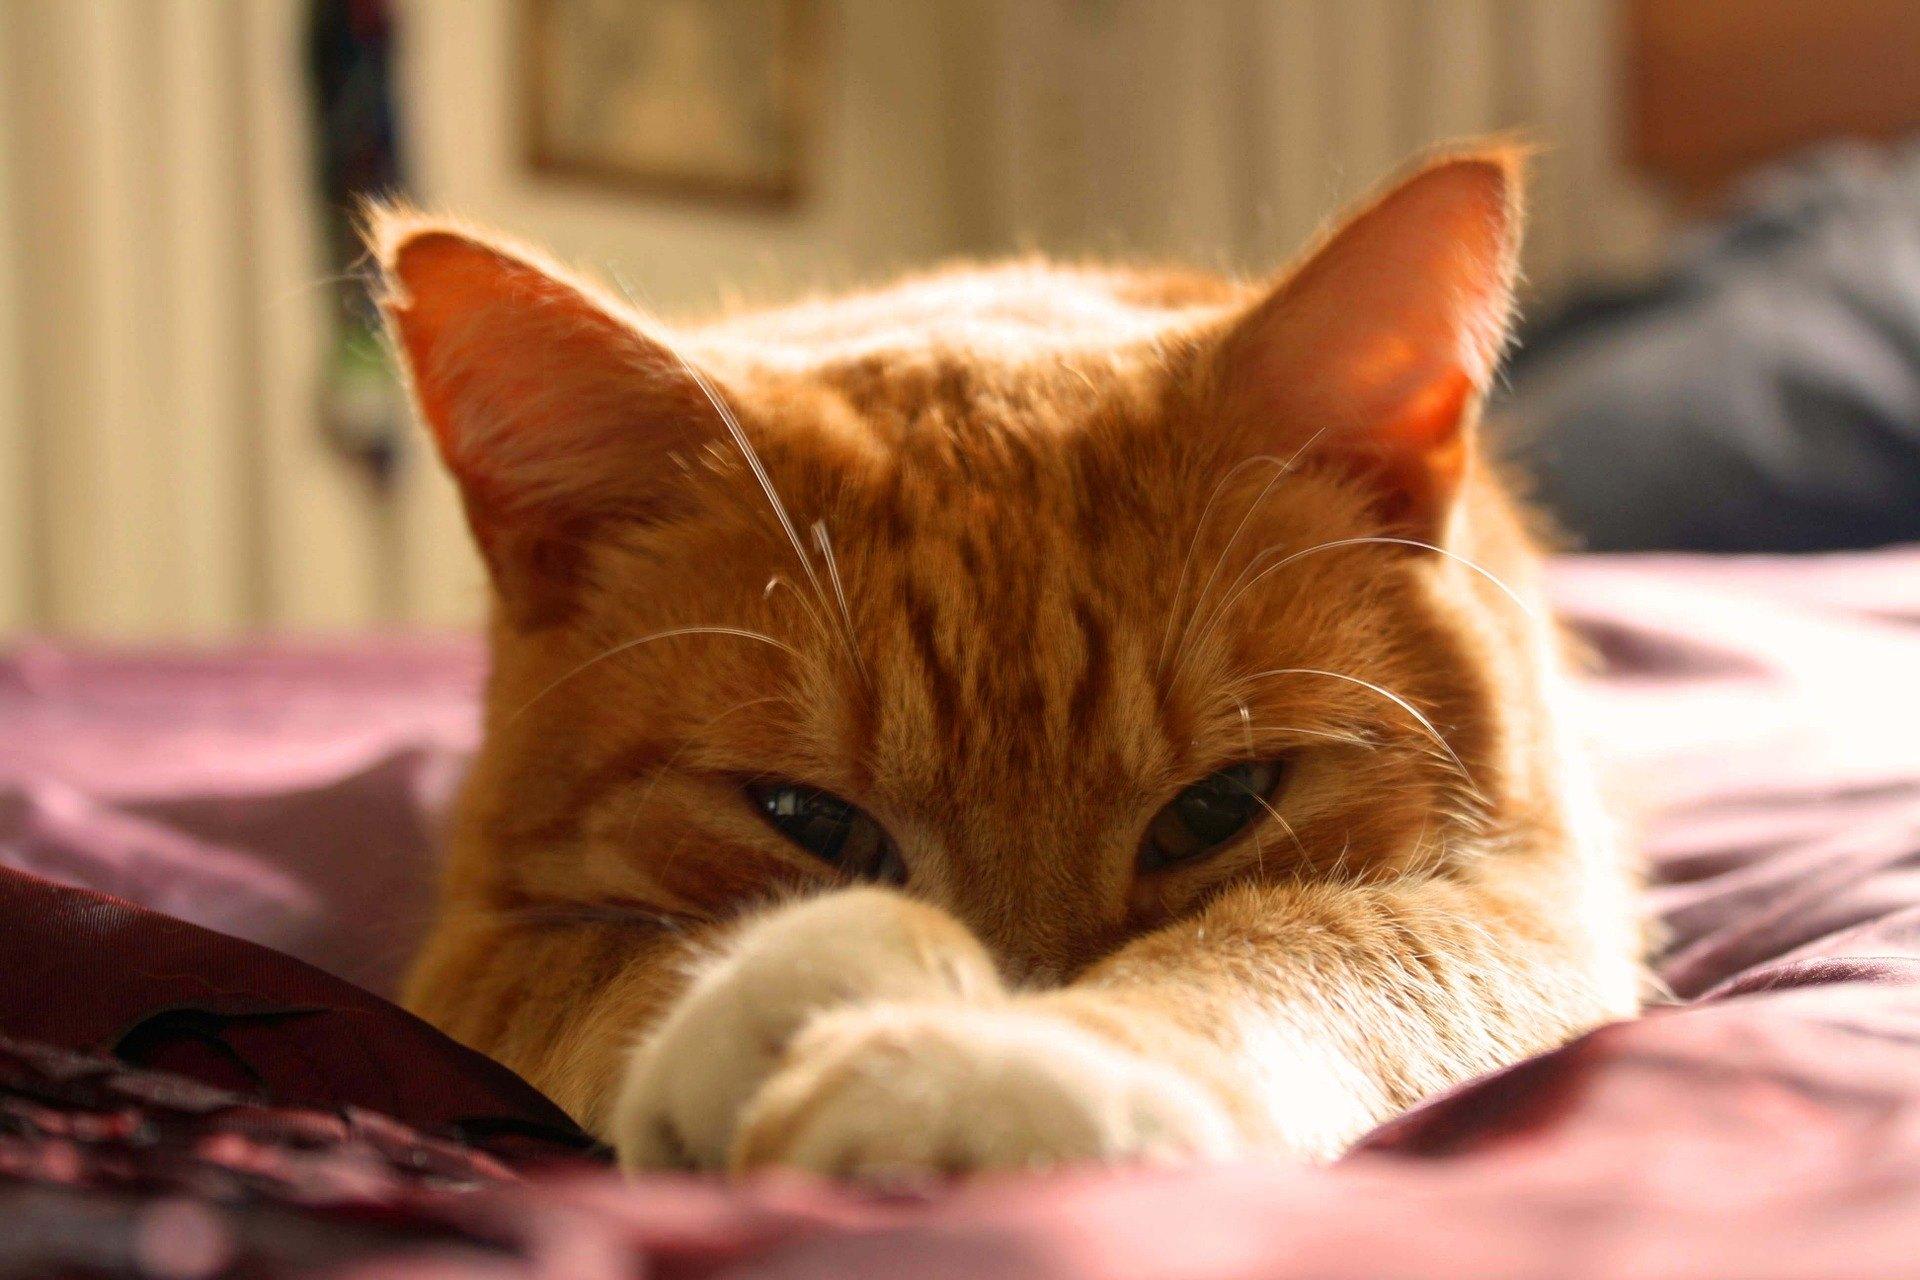 Lymfóm je jedným z najbežnejších druhov rakoviny u mačiek. Zistite, aké sú jeho príznaky a ako by sa malo liečiť.